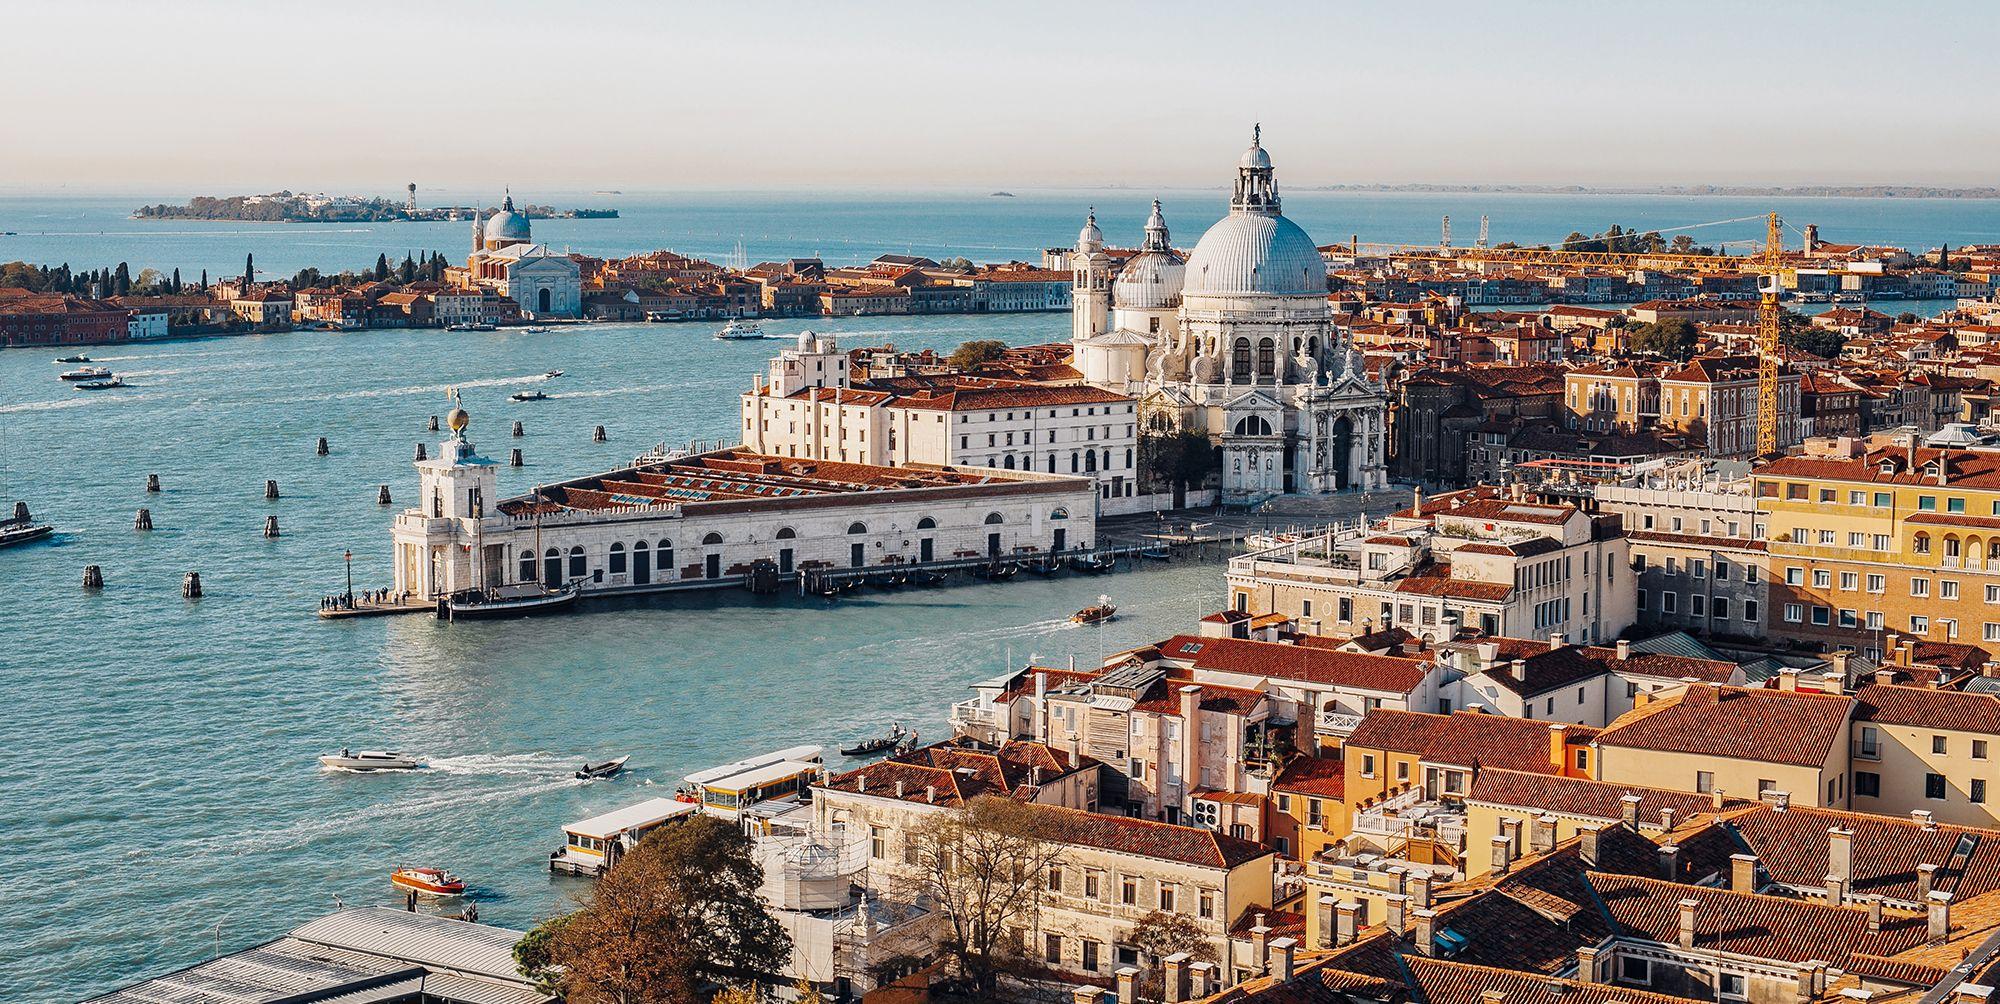 5 of Venice's hidden gems to explore